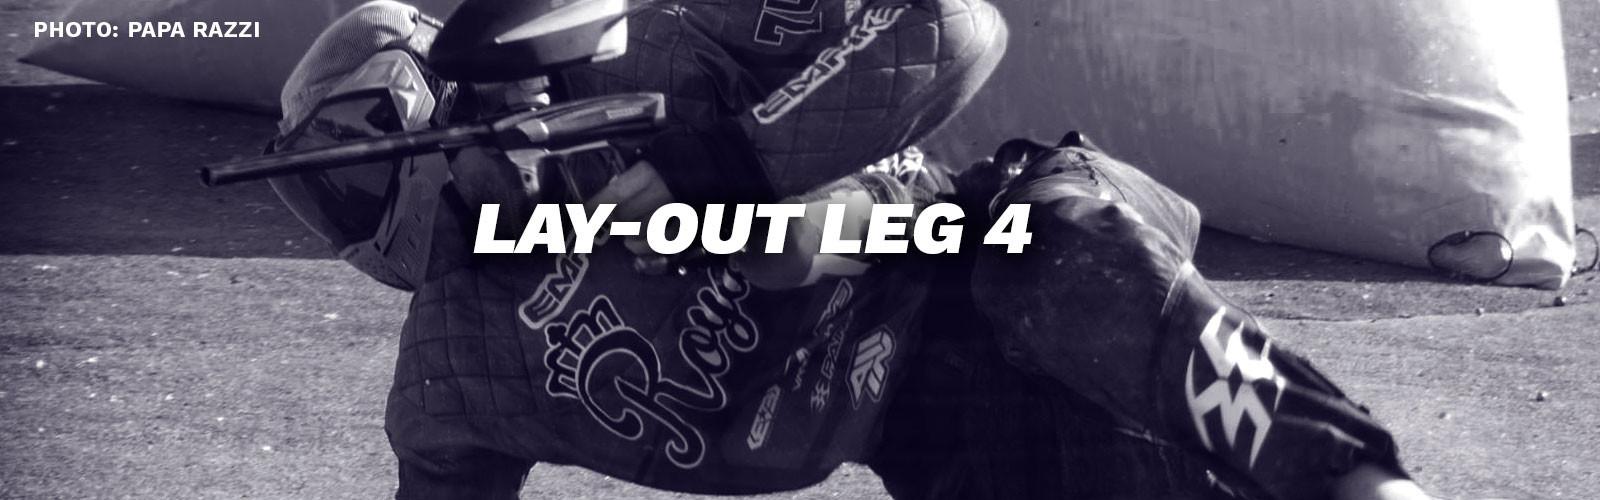 Layout Leg 4 2017